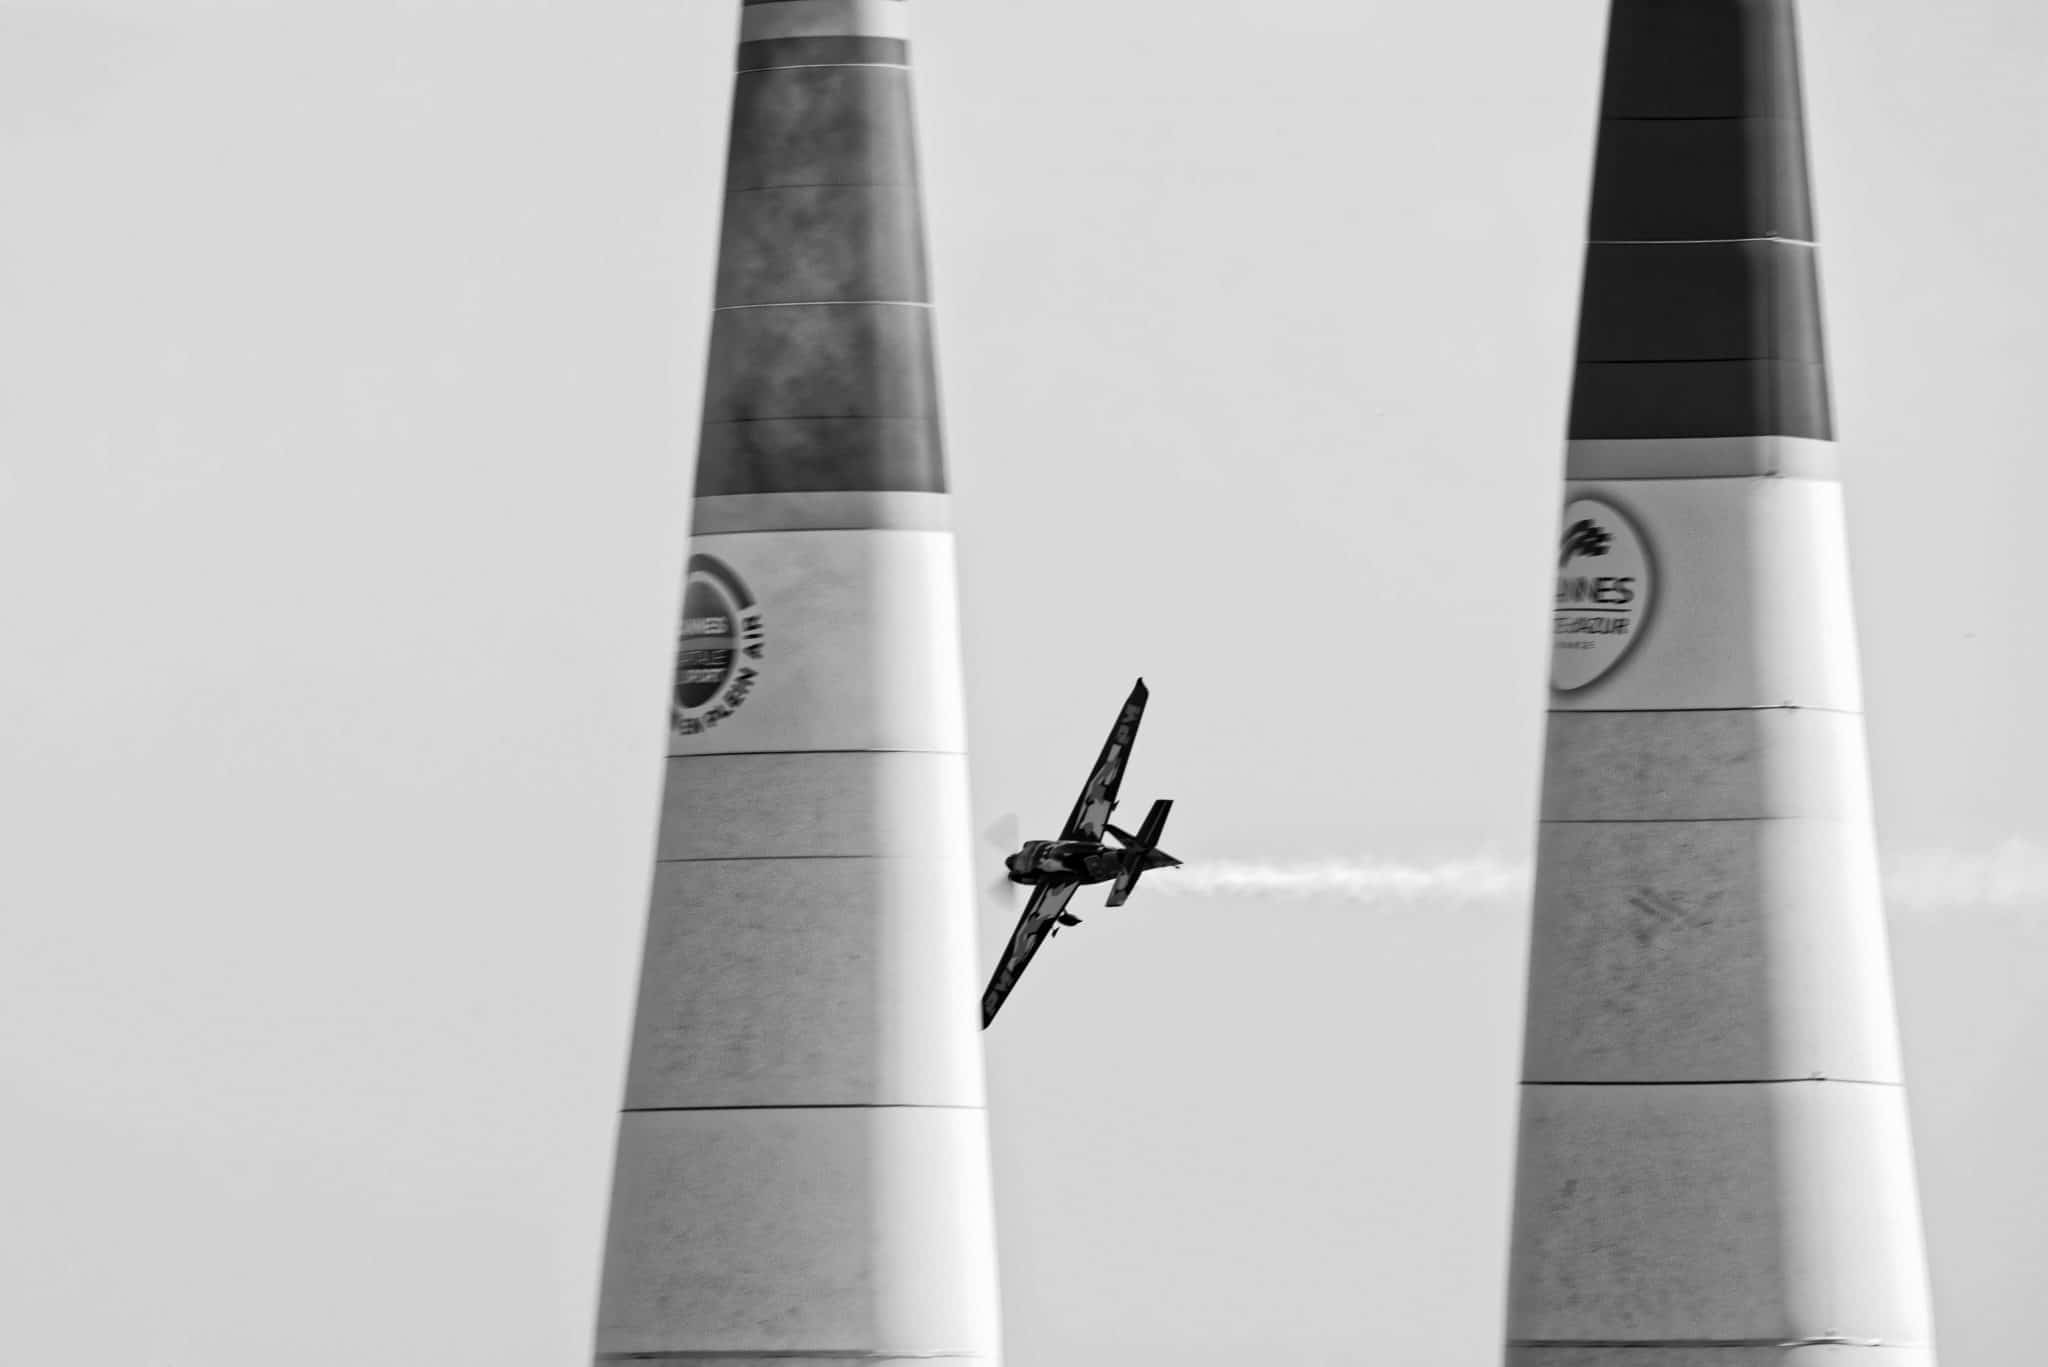 Avion de la Redbull Air Race passant au travers de pylônes au dessus de la mer à Cannes en Provence